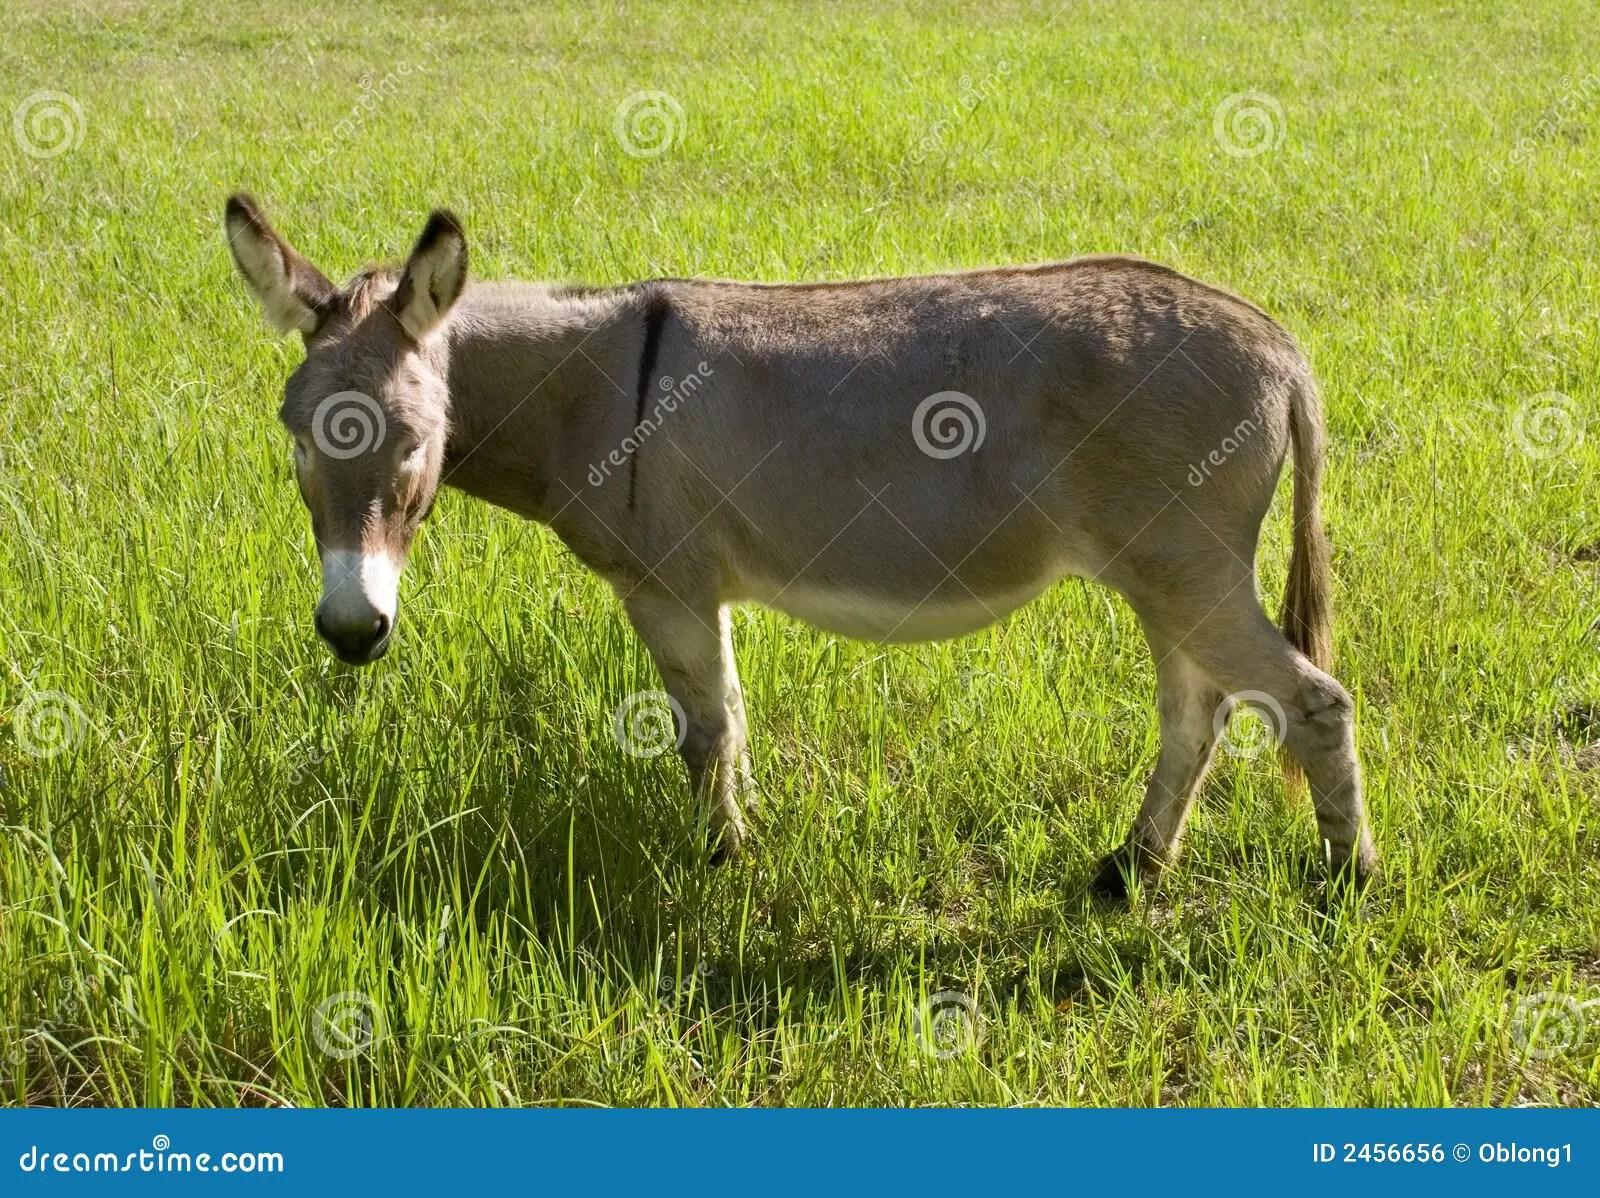 Donkey Eating Grass Royalty Free Stock Image Image 2456656